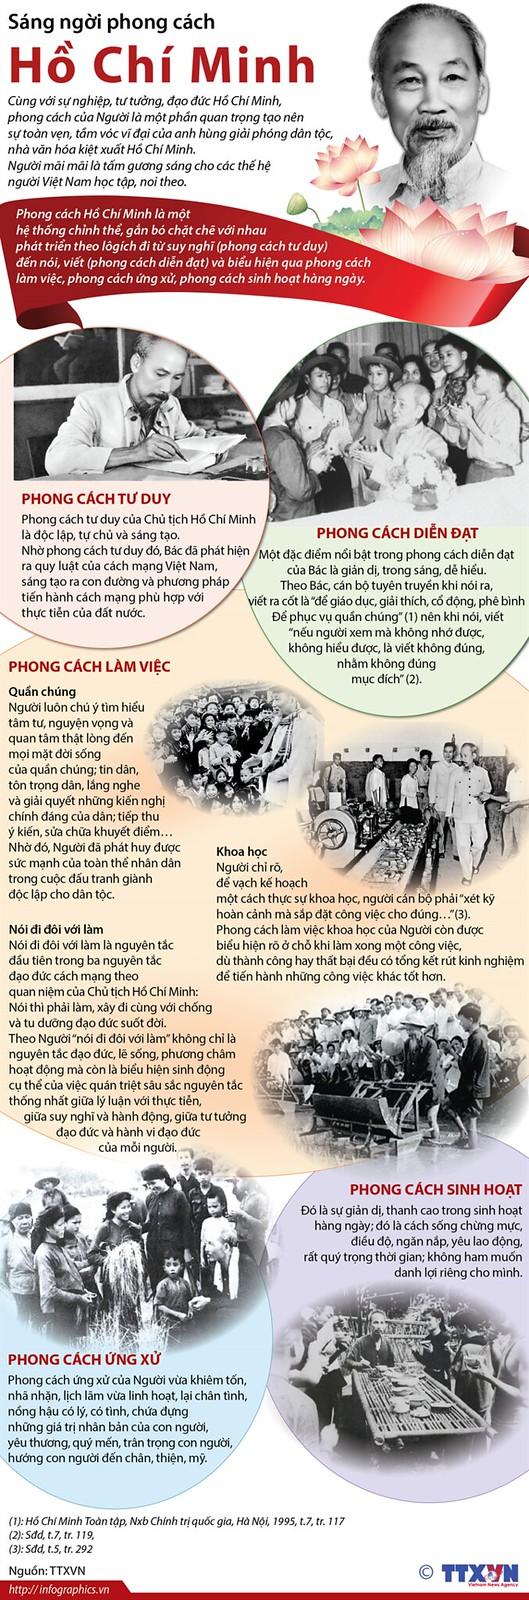 phong cach Ho Chi Minh